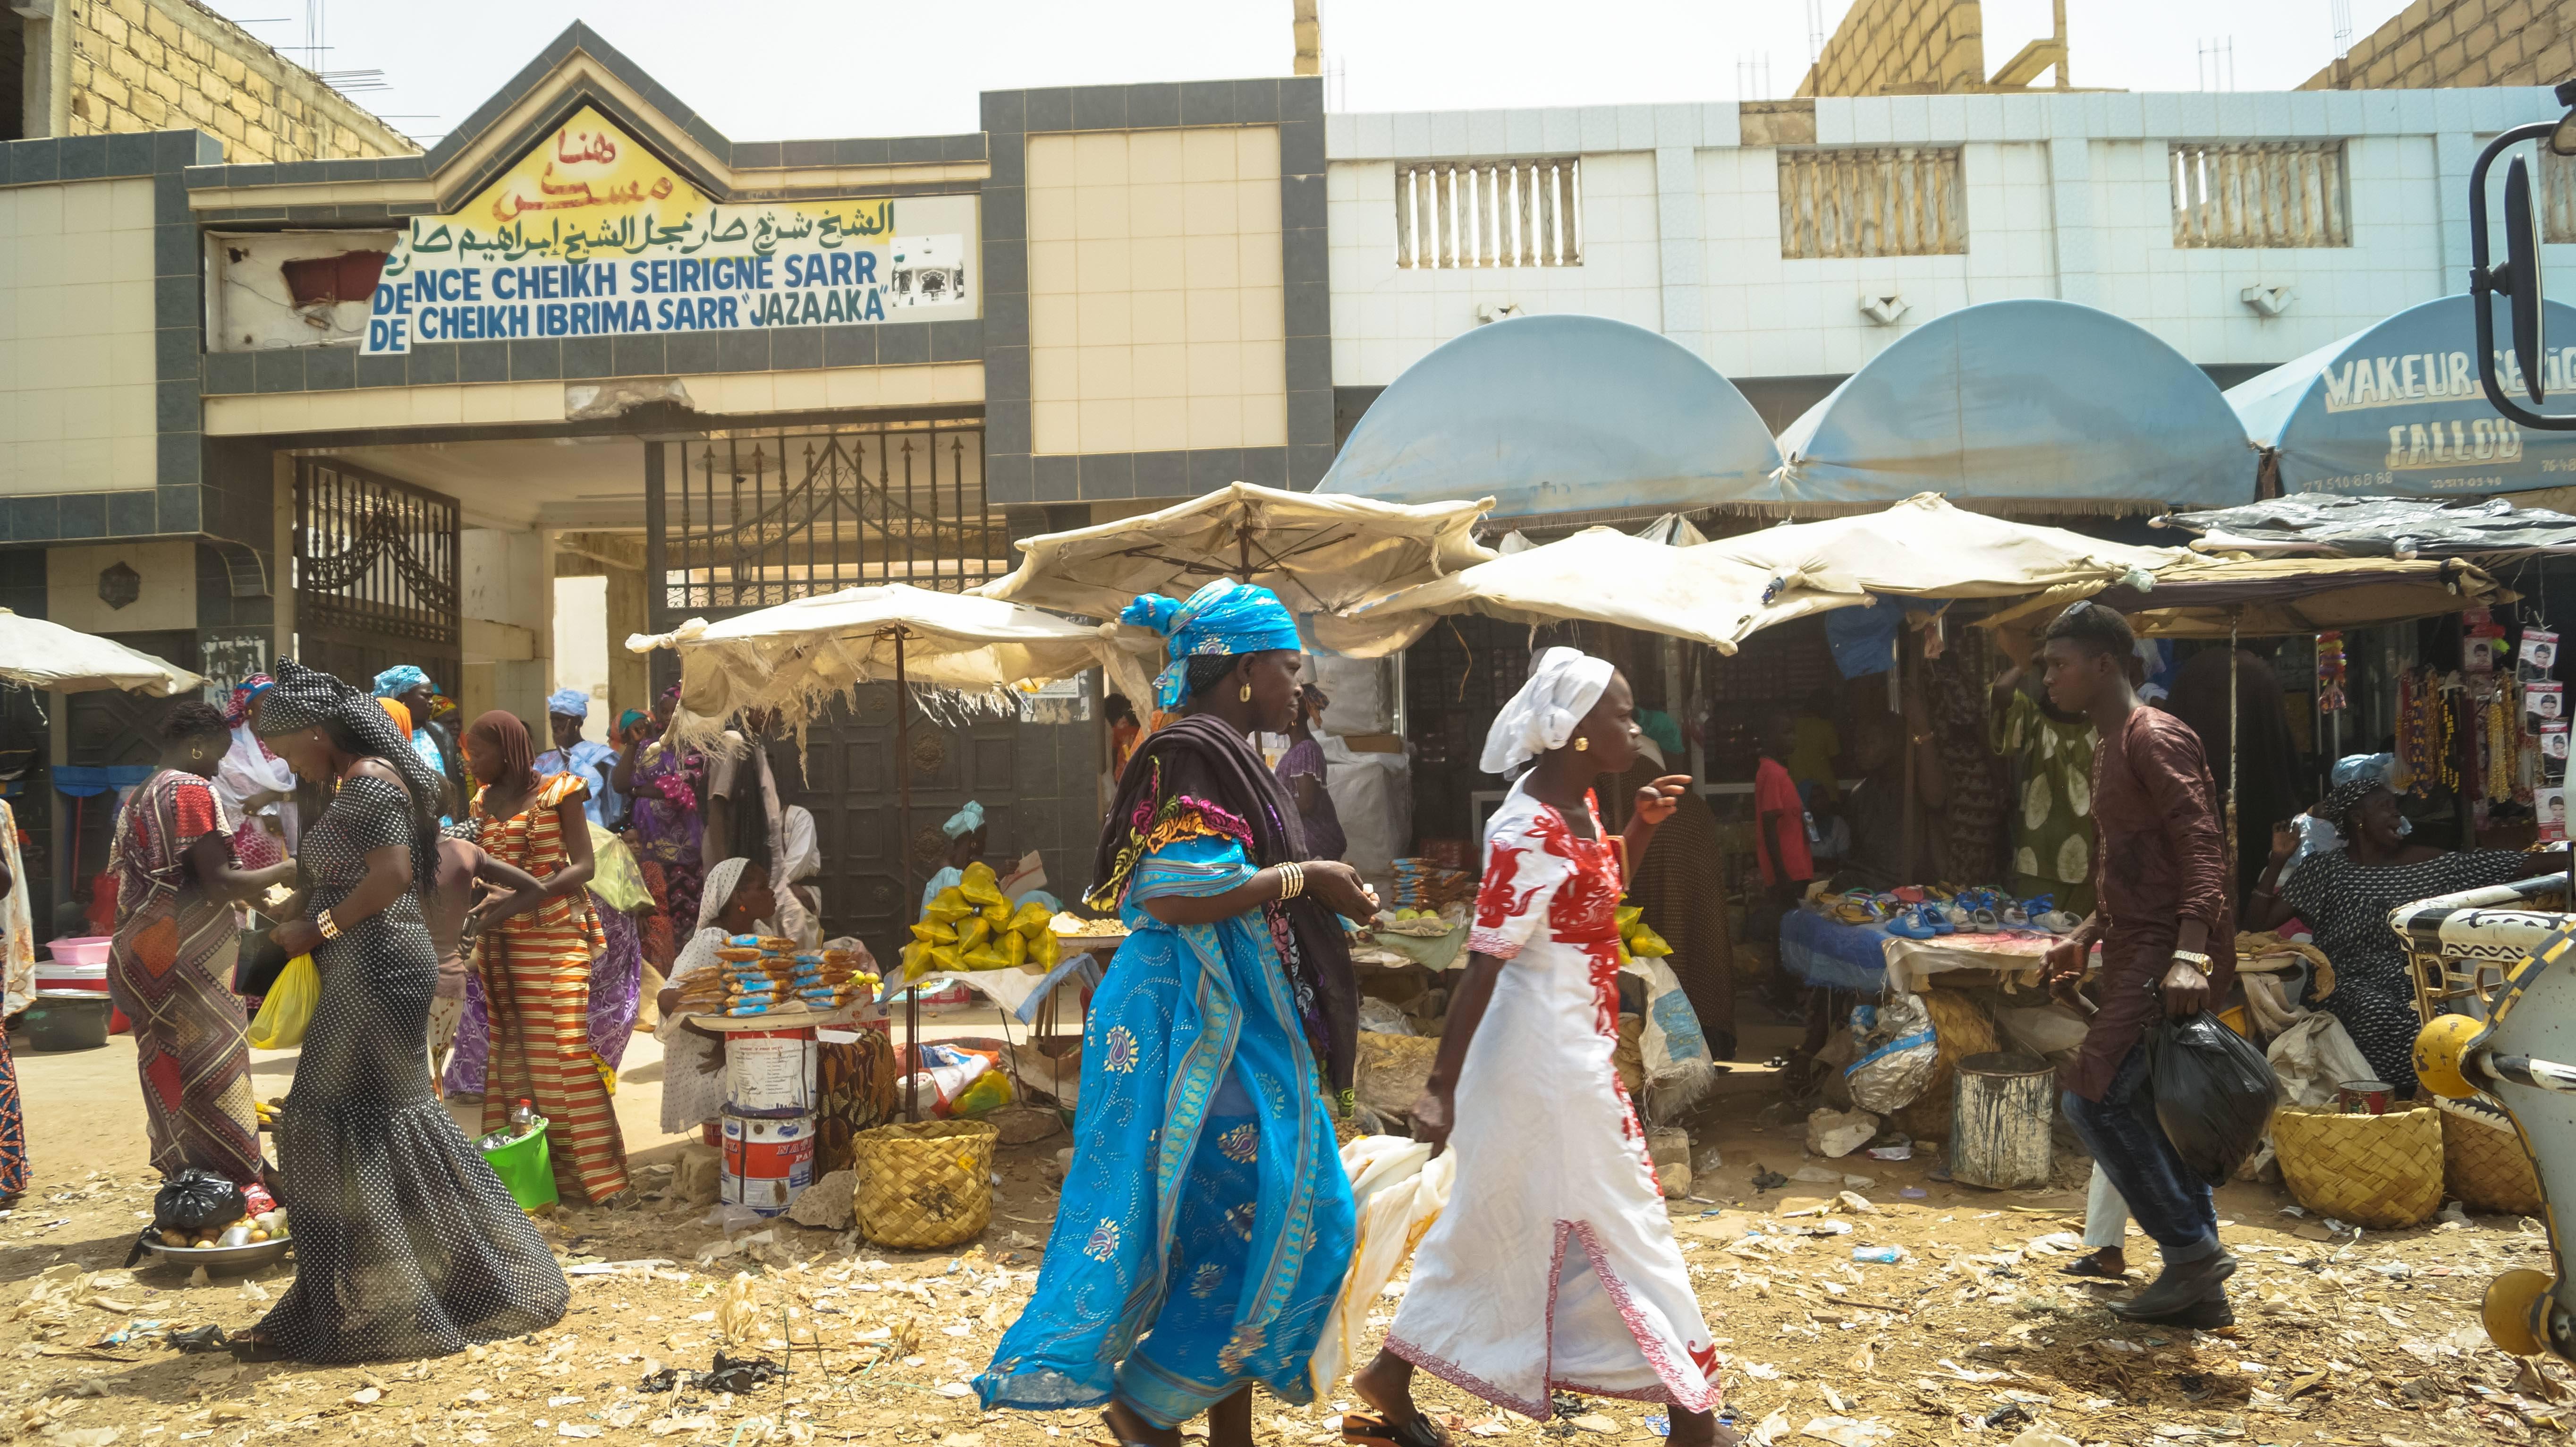 Streets of Touba, Senegal